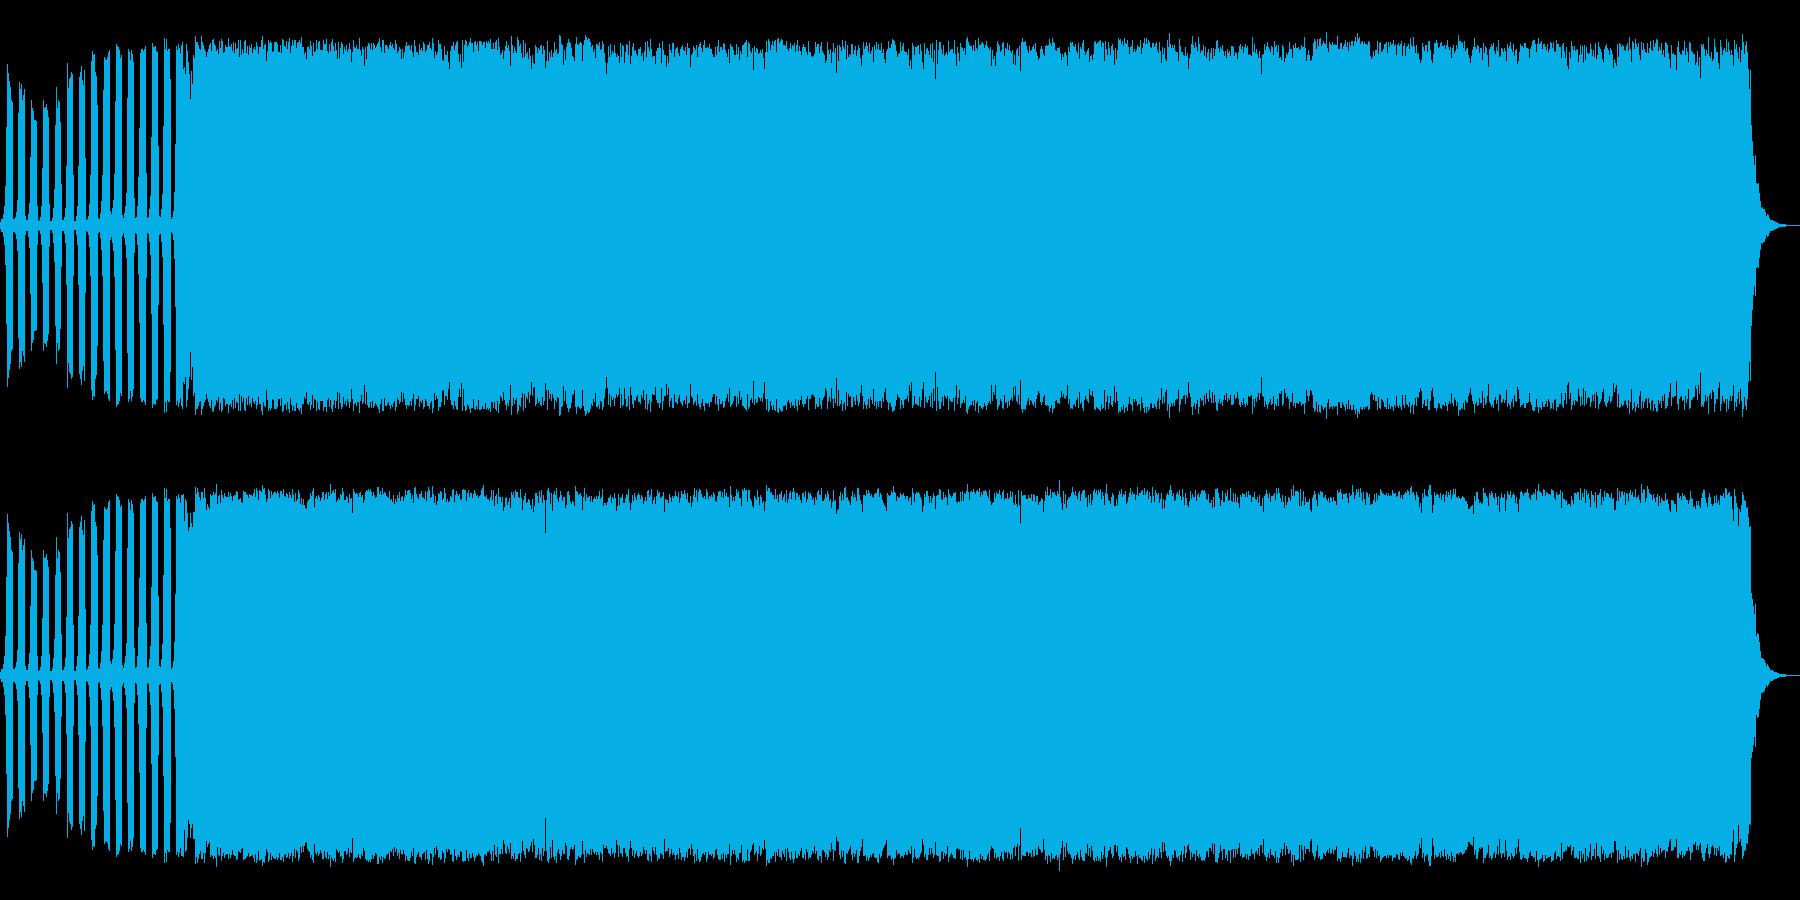 カッコいいギターサウンドが特徴の曲です。の再生済みの波形